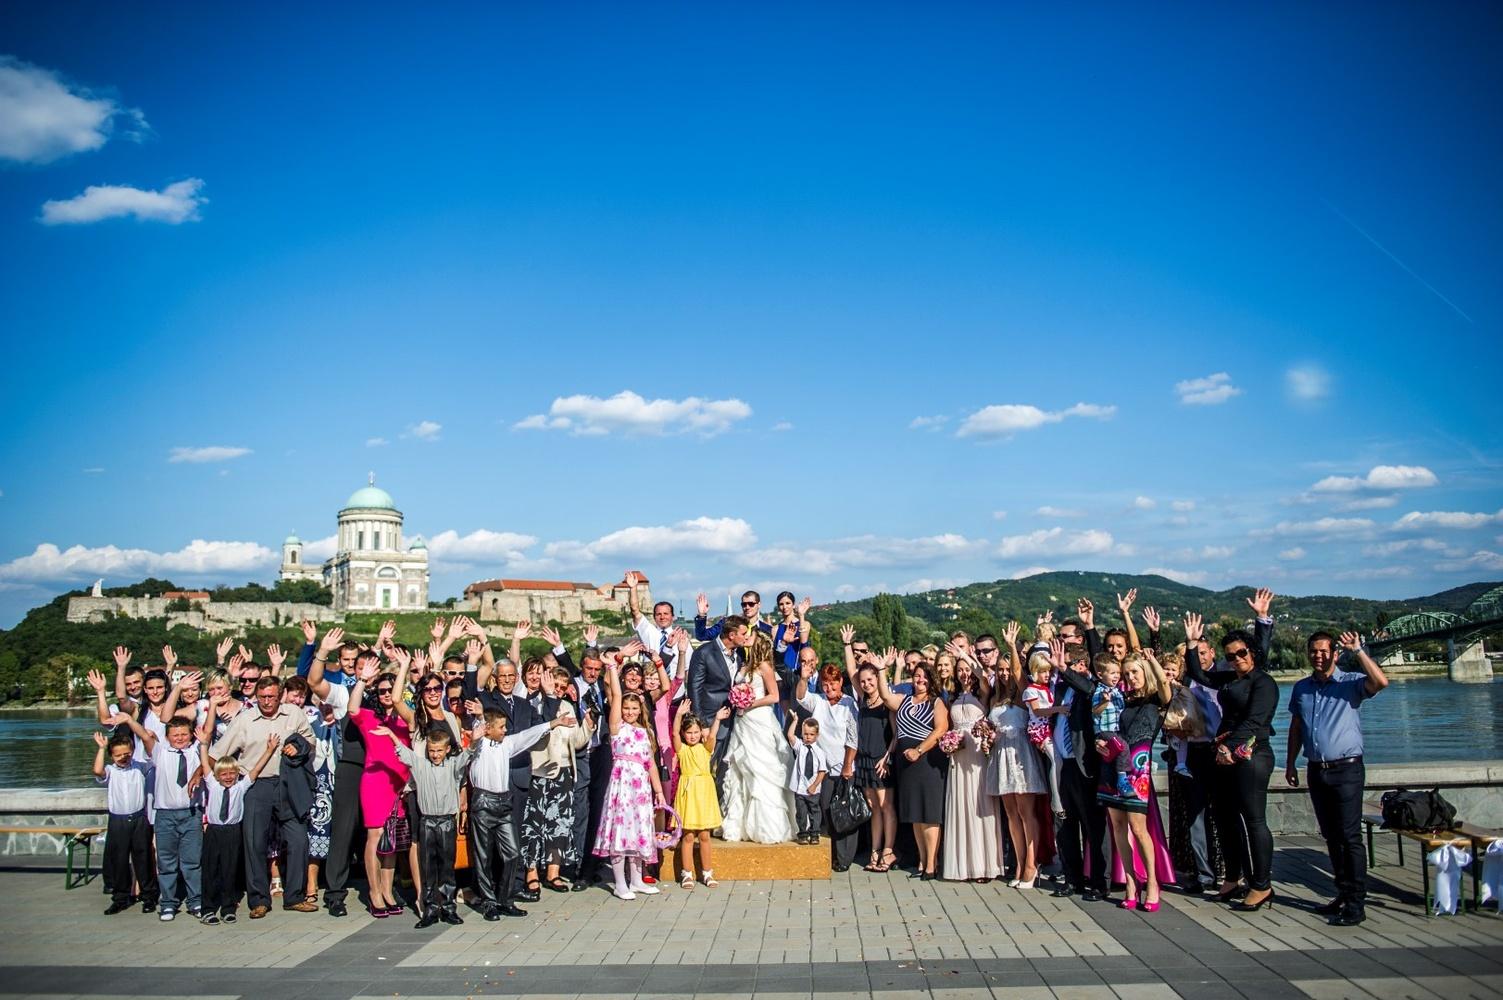 http://www.fotoz.sk/images/gallery-9/normal/eskuvoi-fotos_svadobny-fotograf_099.jpg